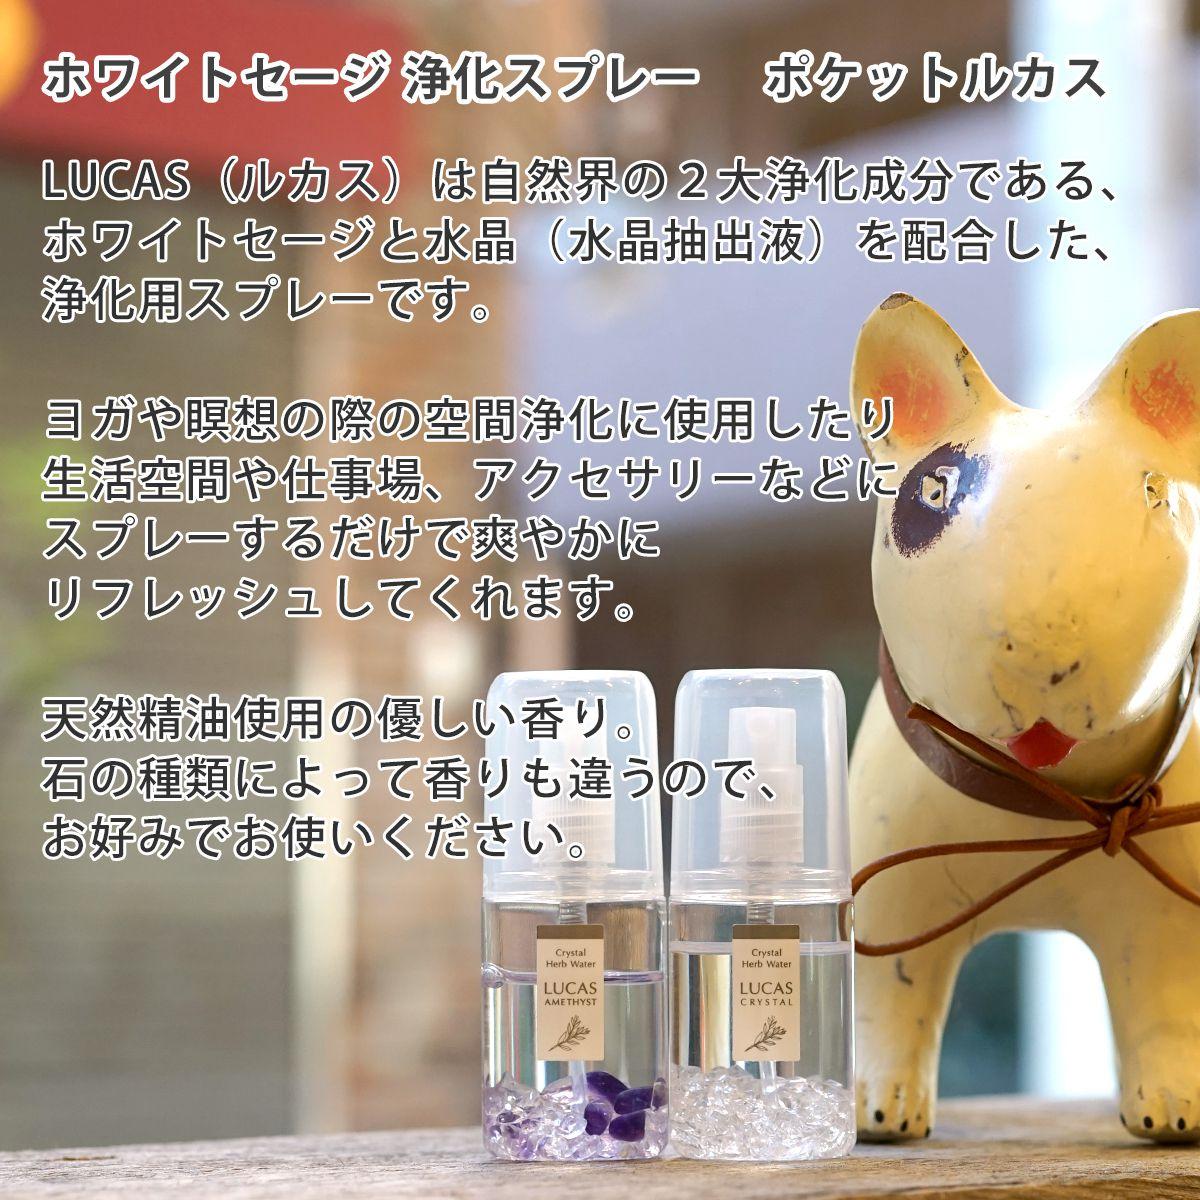 浄化スプレー ポケットルカス 【クリスタル】